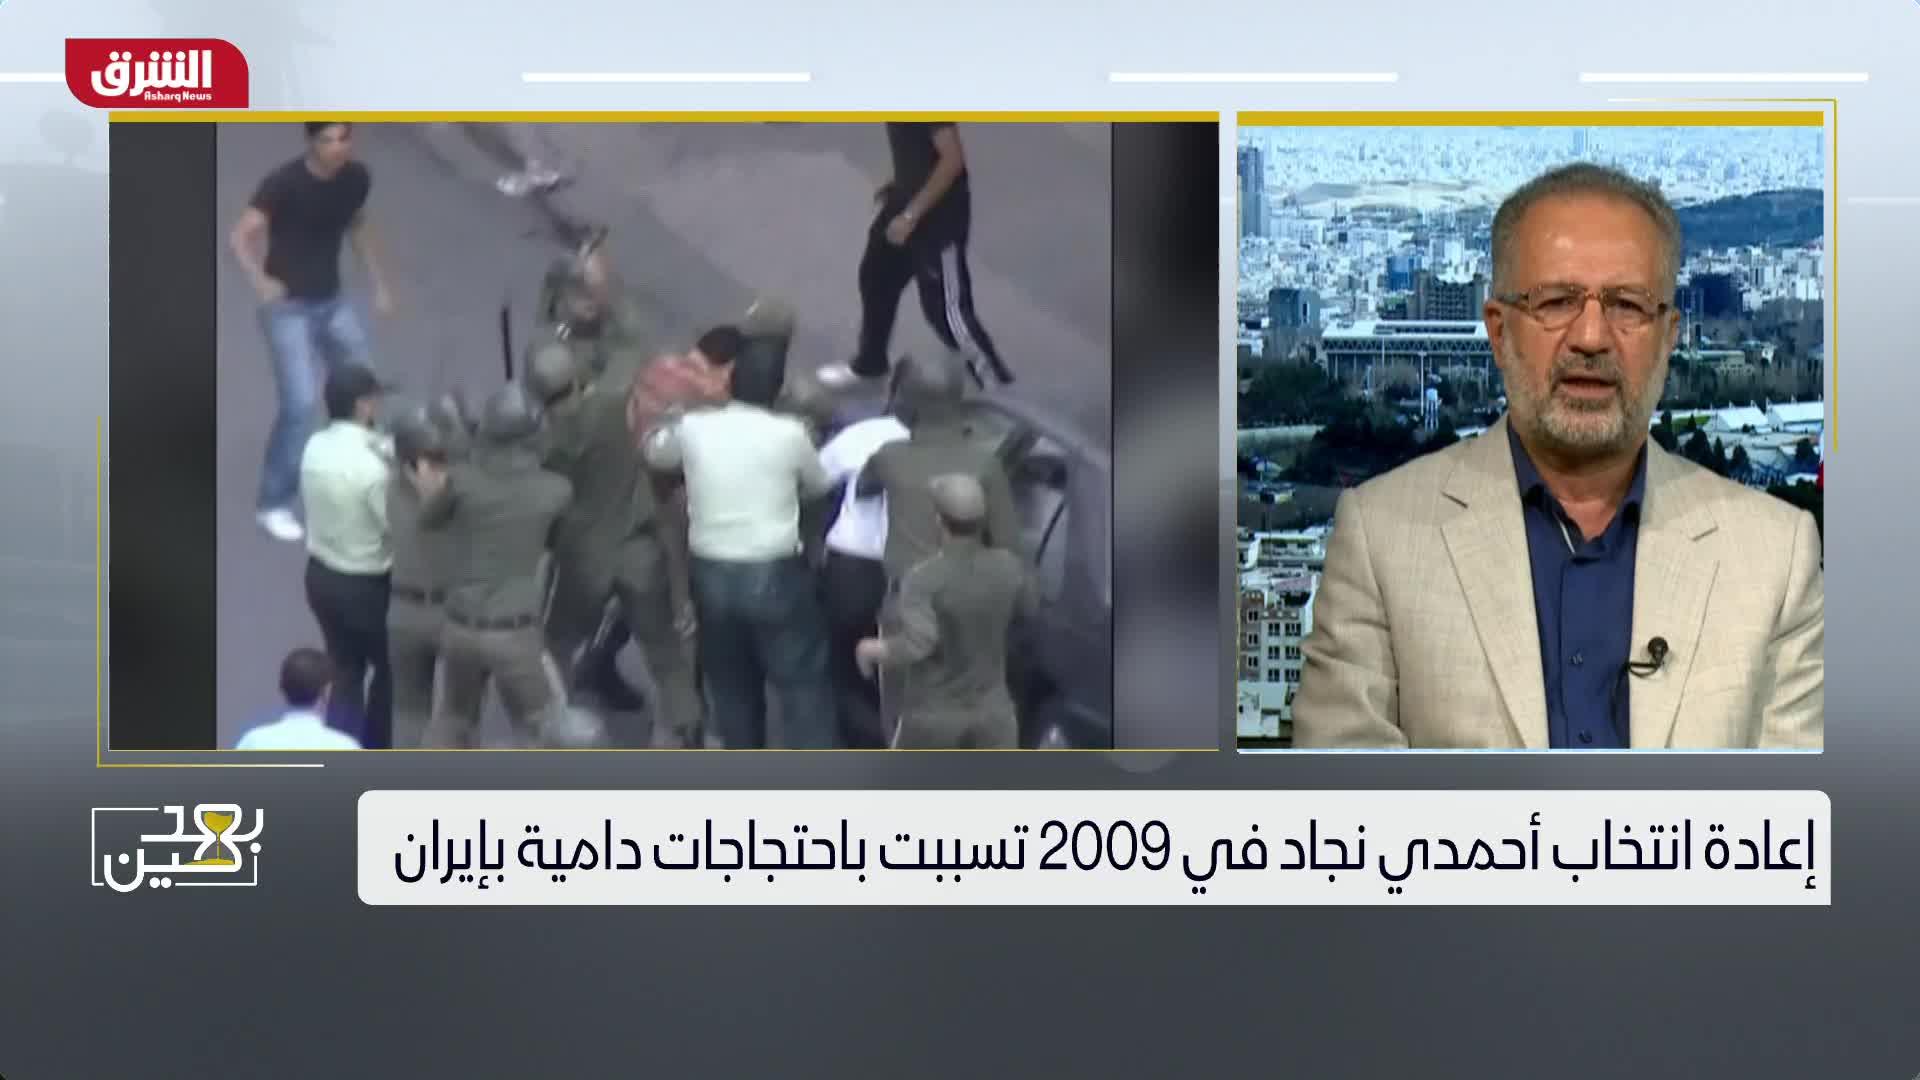 ما الذي دفع أنصار موسوي وكروبي للتشكيك في نتائج انتخابات 2009 الرئاسية؟